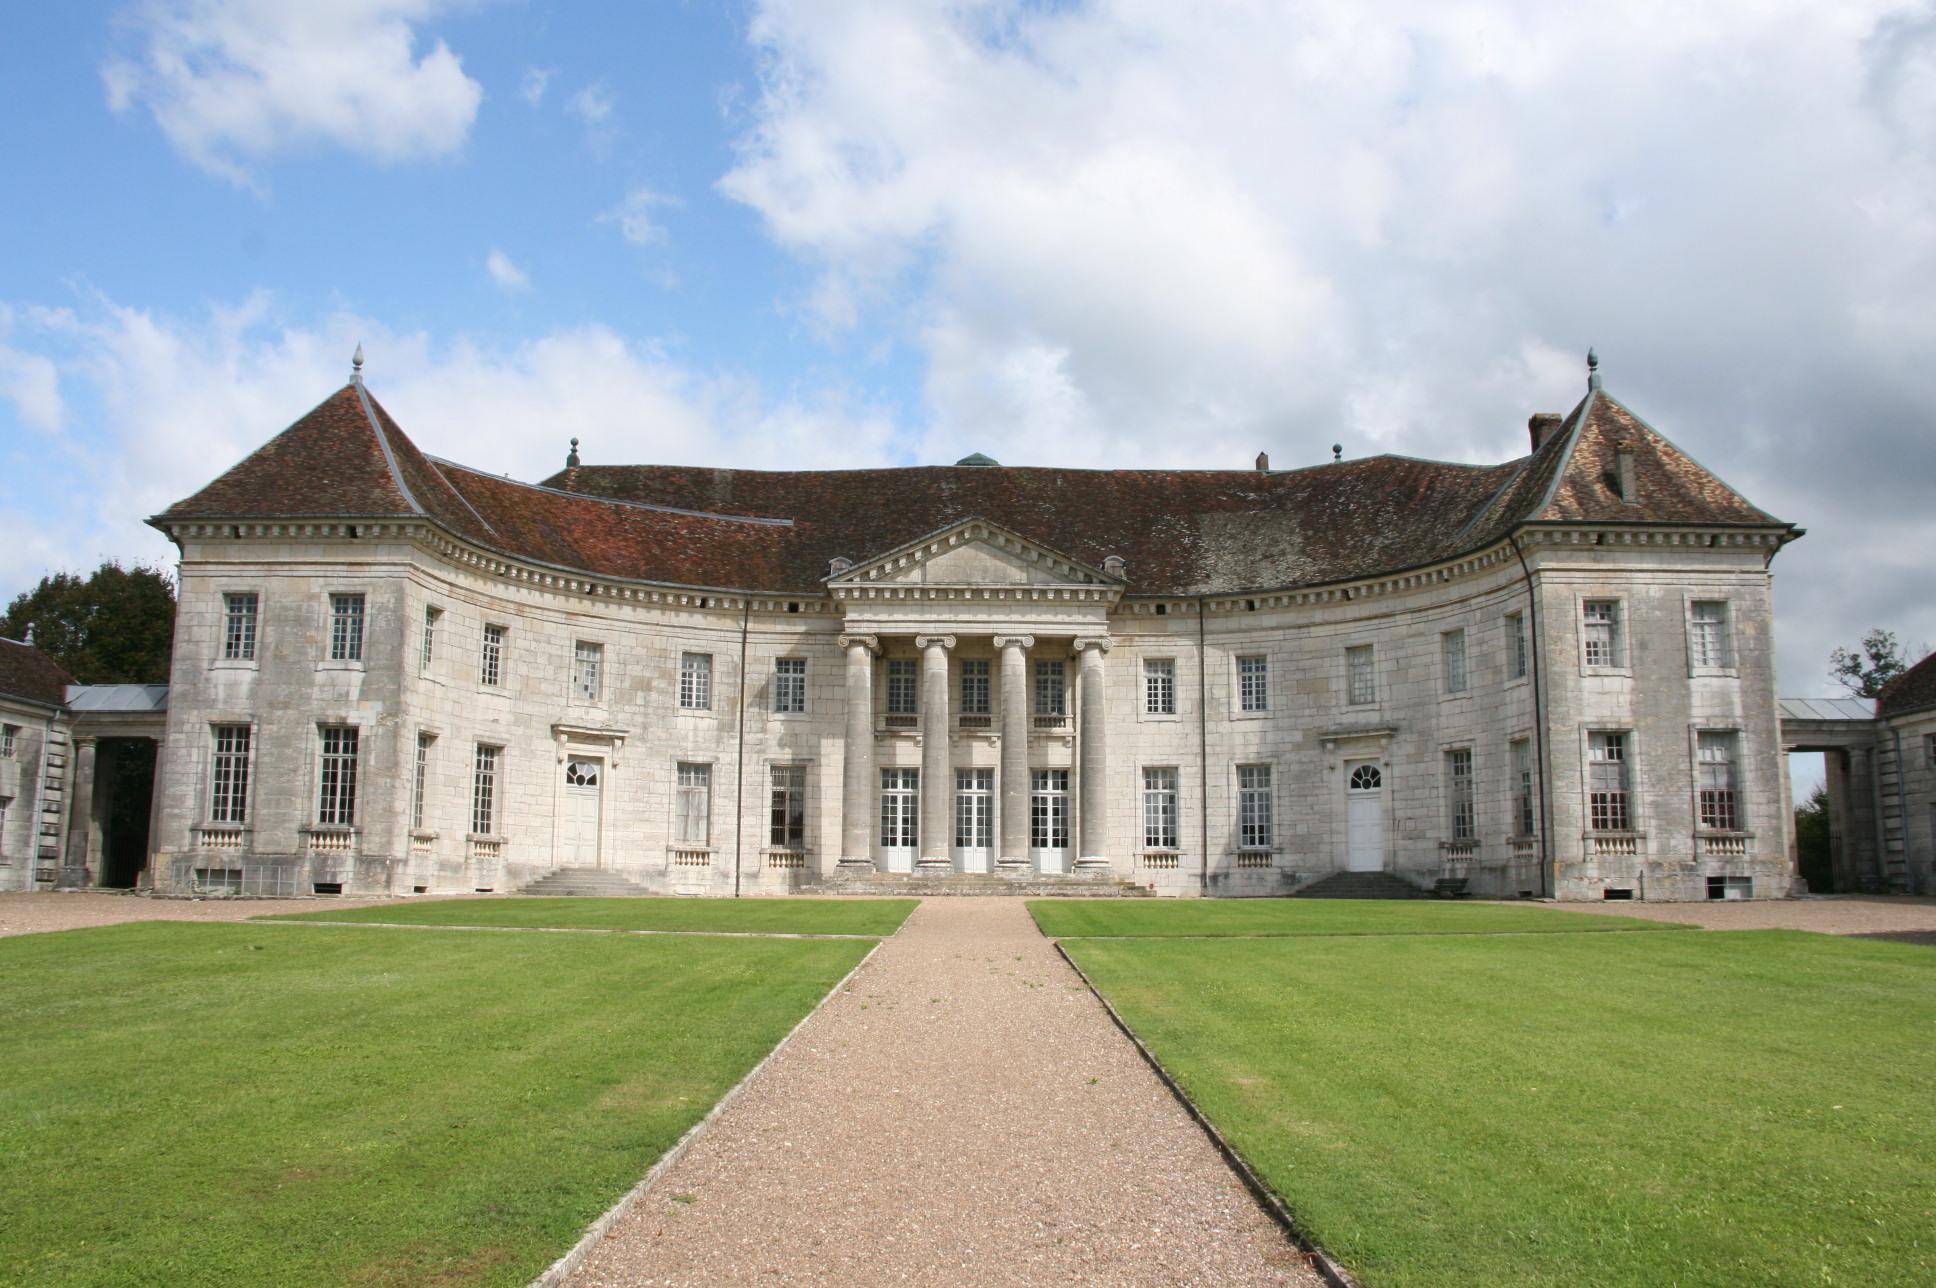 Der Eingang zum Schloss von vorne gesehen